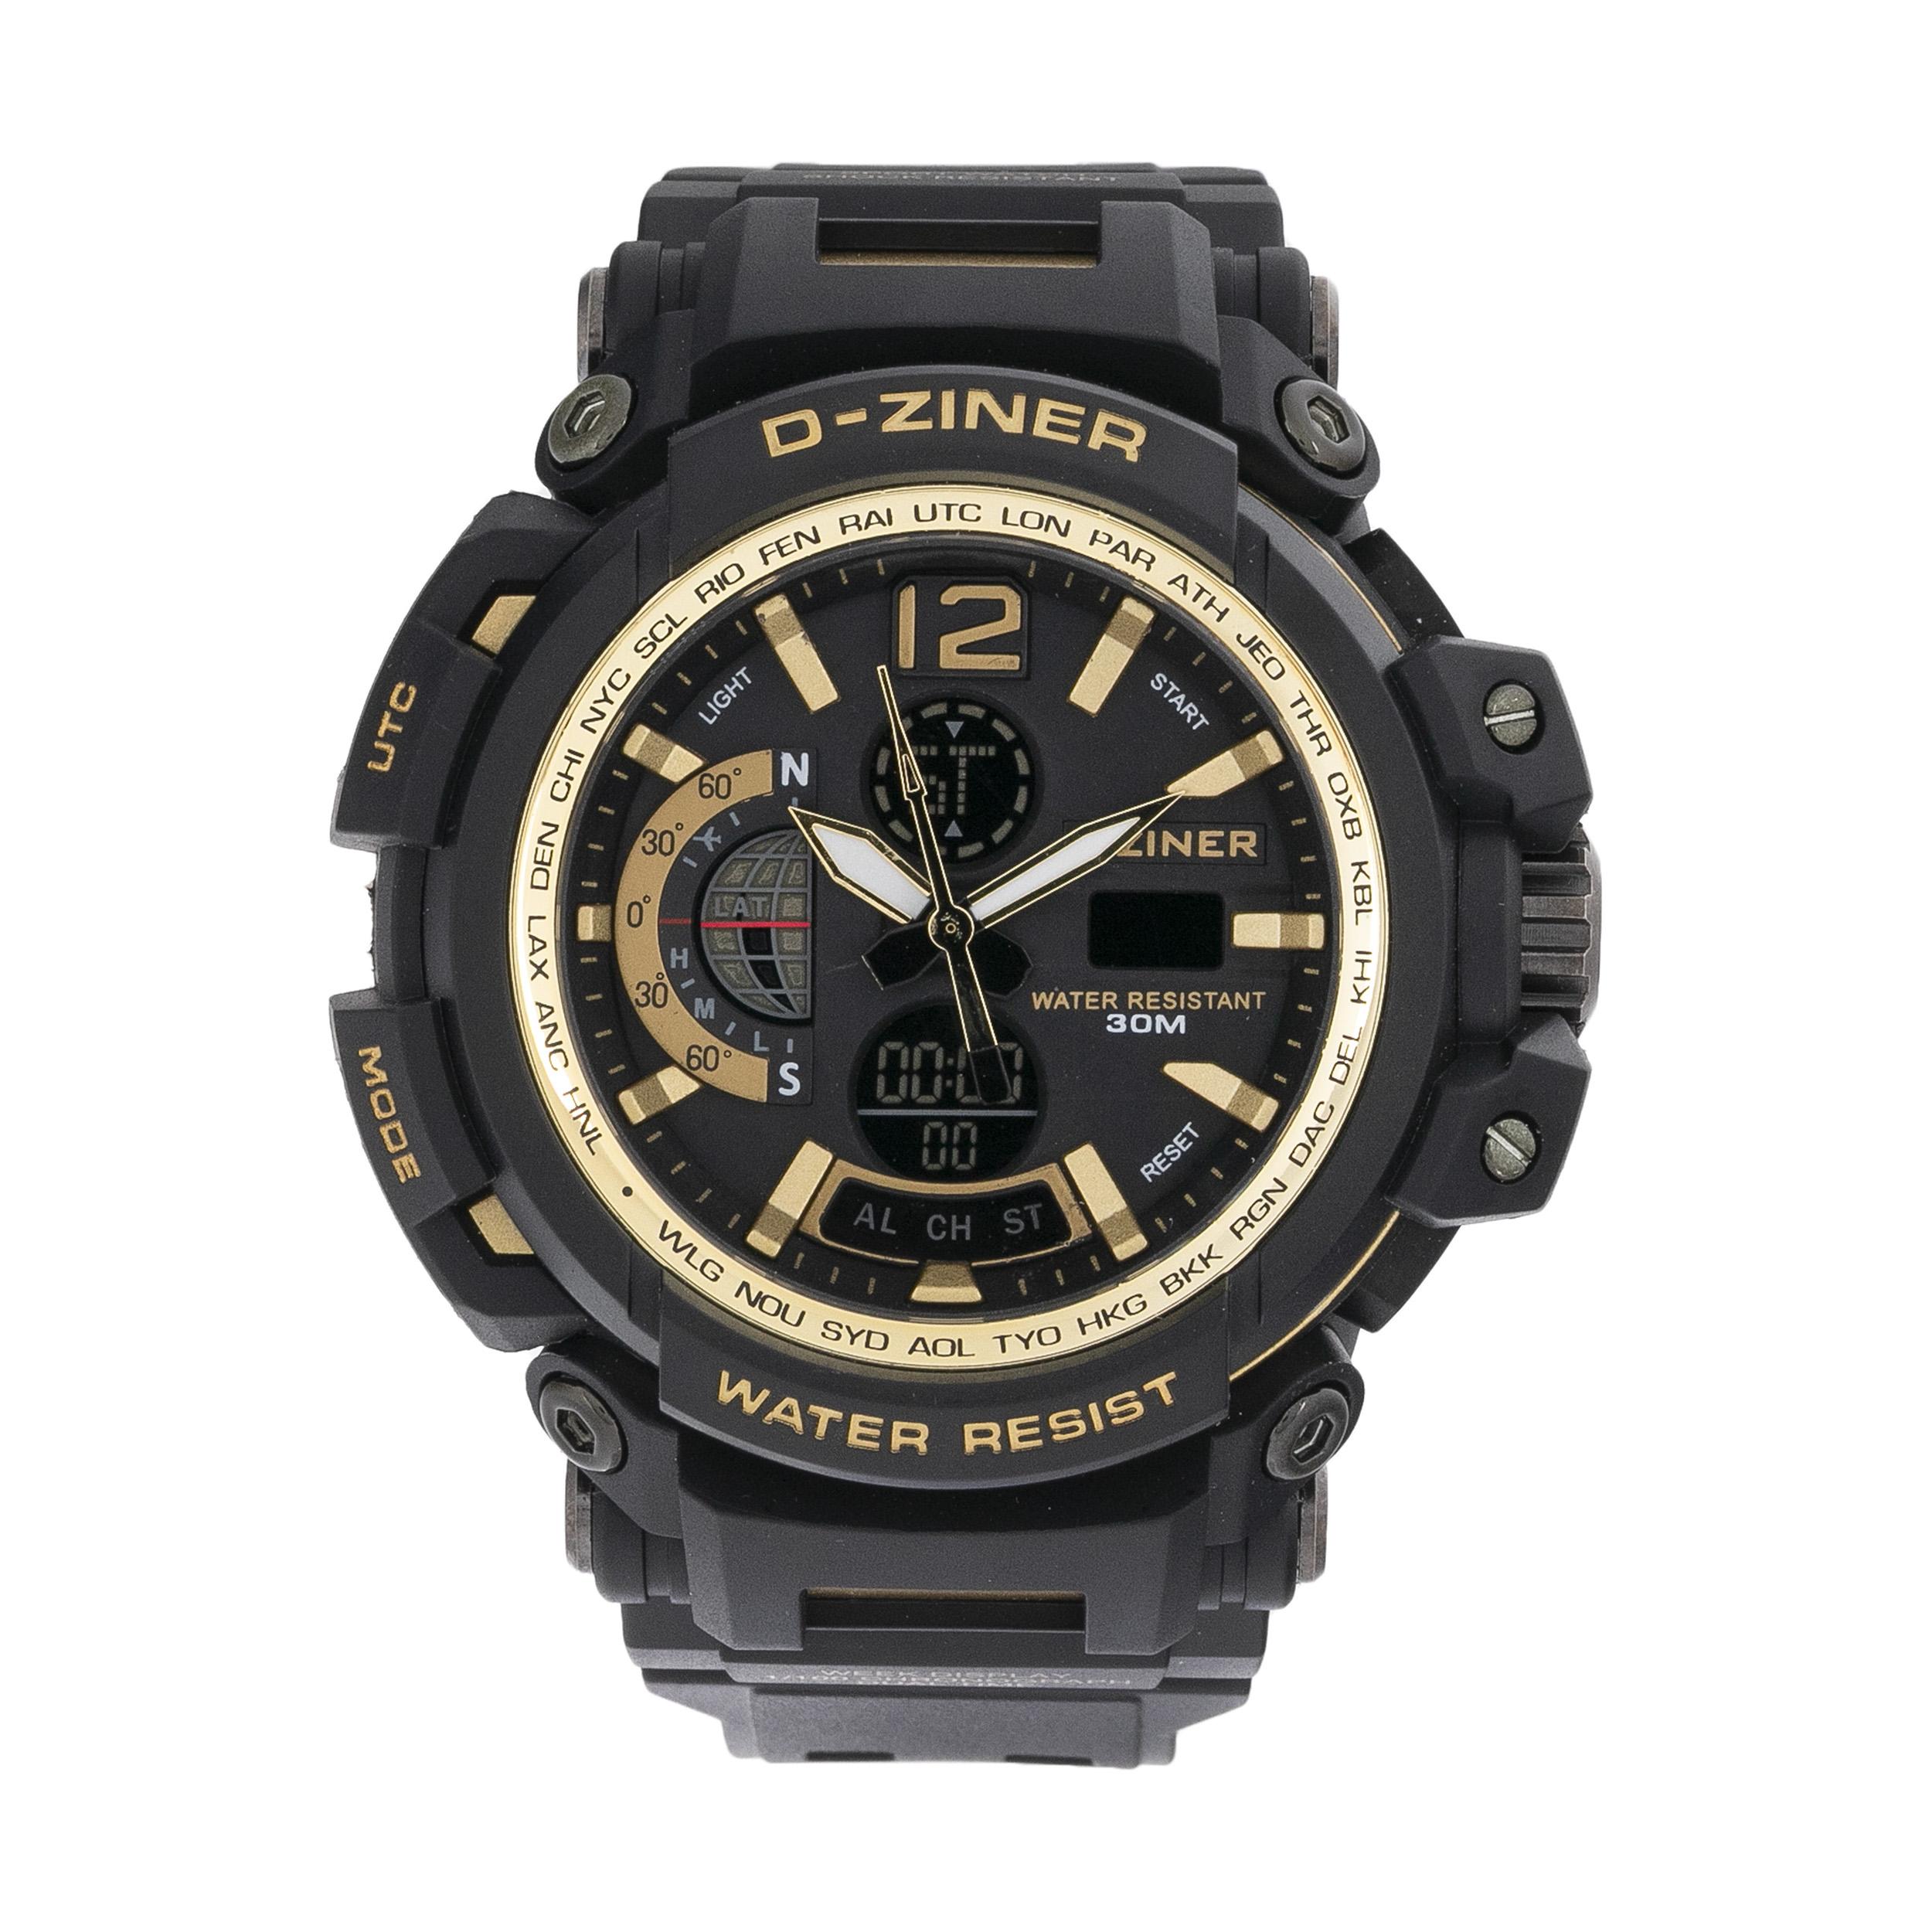 ساعت مچی عقربه ای مردانه دیزاینر مدل D-Z7004 34